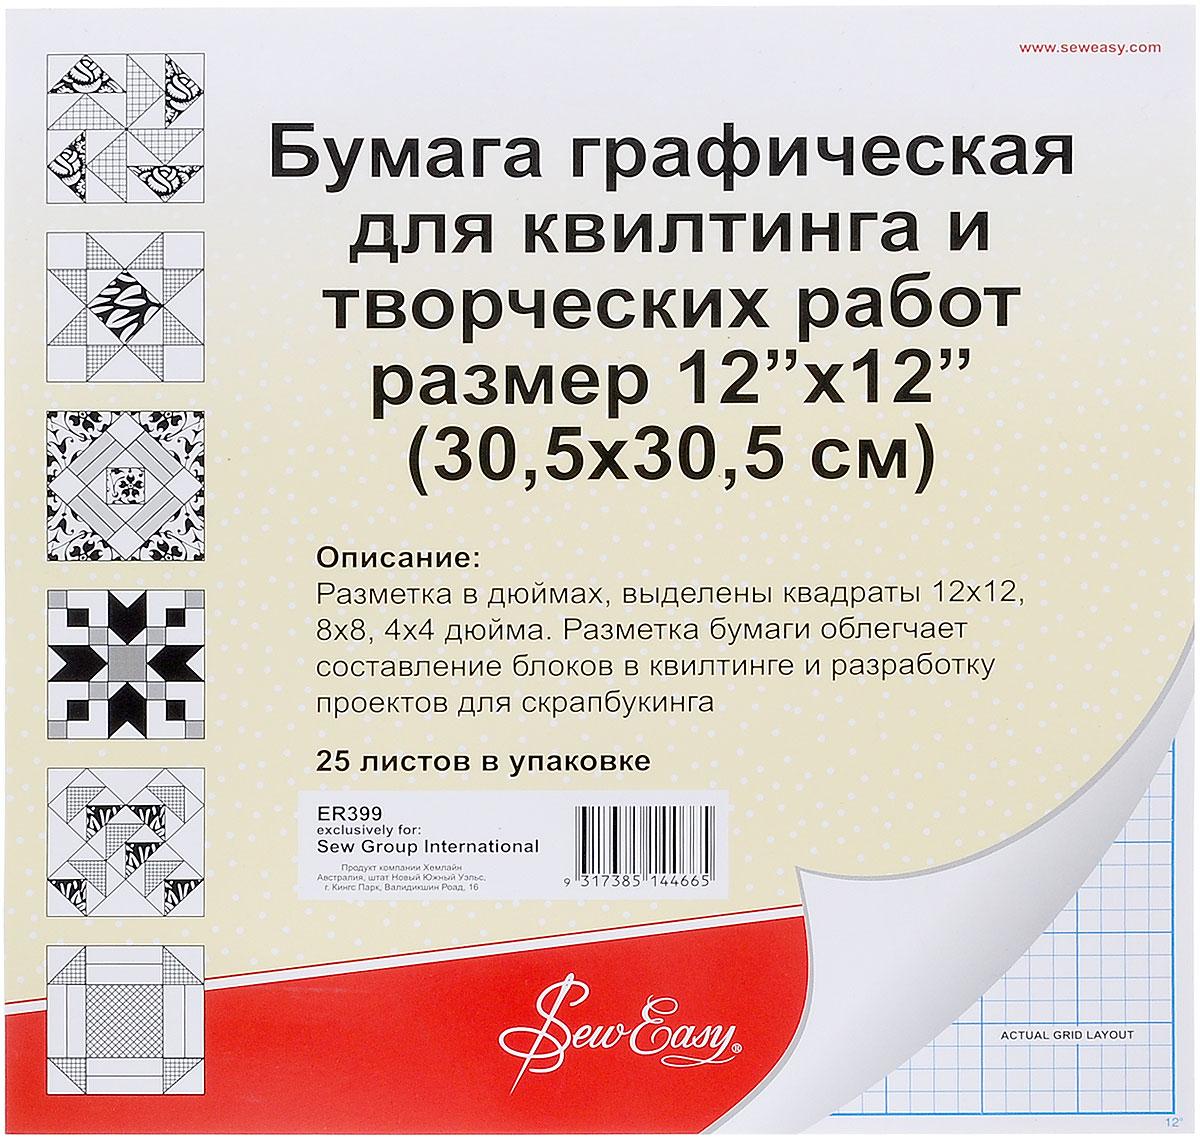 Бумага графическая Hemline, для квилтинга и творческих работ, 25 листовKOC_GIR288LEDBALL_RГрафическая бумага Hemline позволяет расчерчивать блоки для пэчворка, дизайнерских проектов и скрапбукинга. Разметка в дюймах, выделены квадраты 4 х 4, 8 х 8, 12 х 12.Размер листа: 30,5 х 30,5 см.